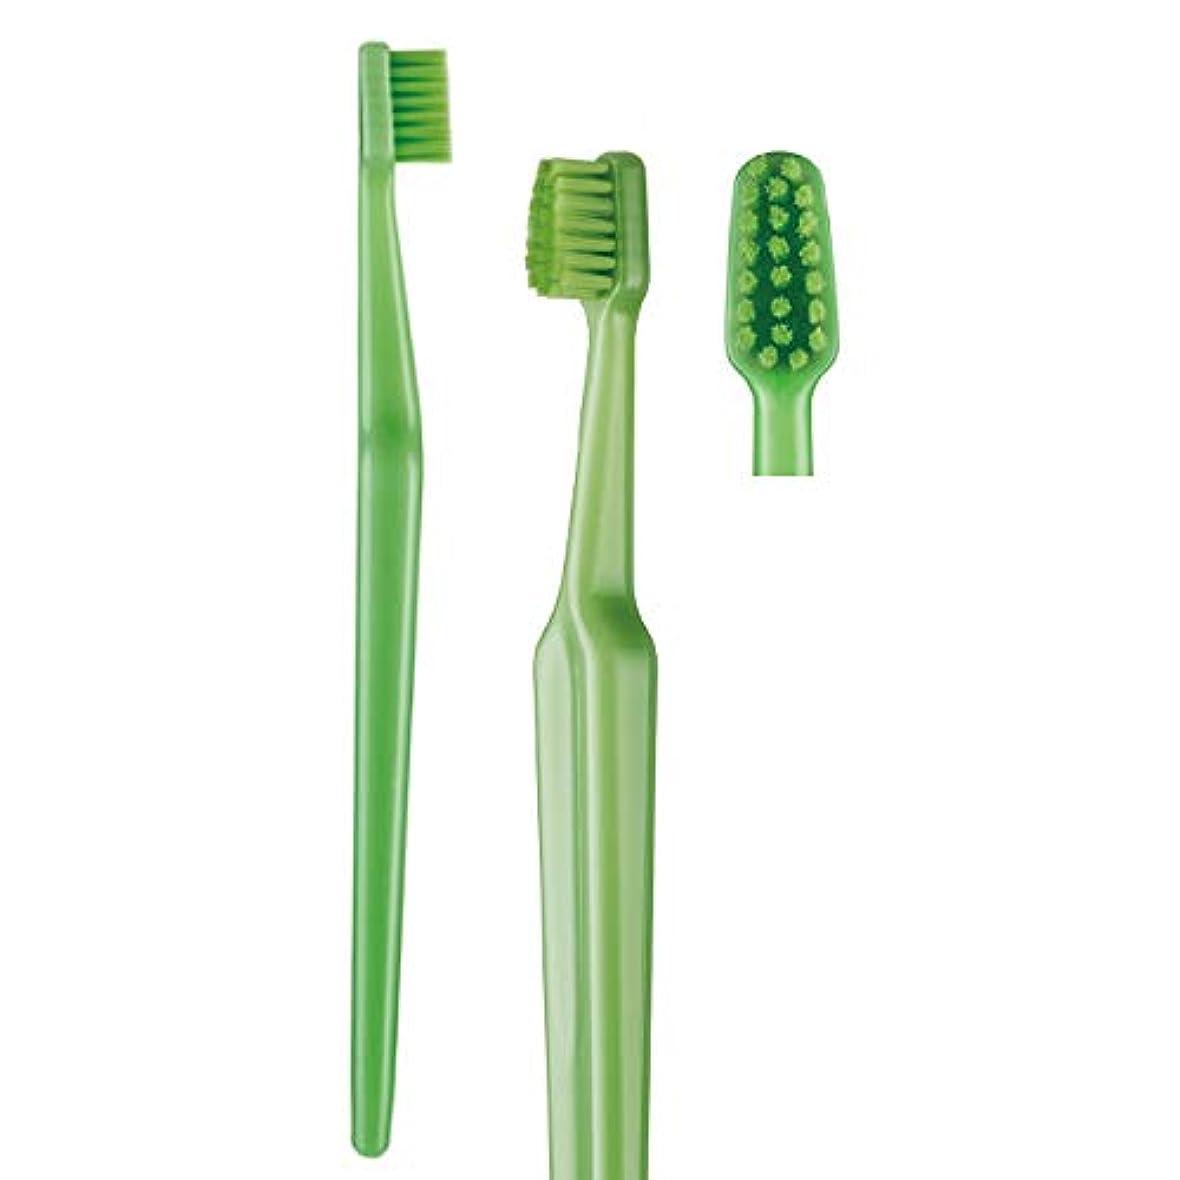 リズム間違えたコンサルタント歯科専売品 大人用歯ブラシ TePe GOOD (グッド) ミニ エクストラソフト(超やわらかめ) ヘッド小 1本